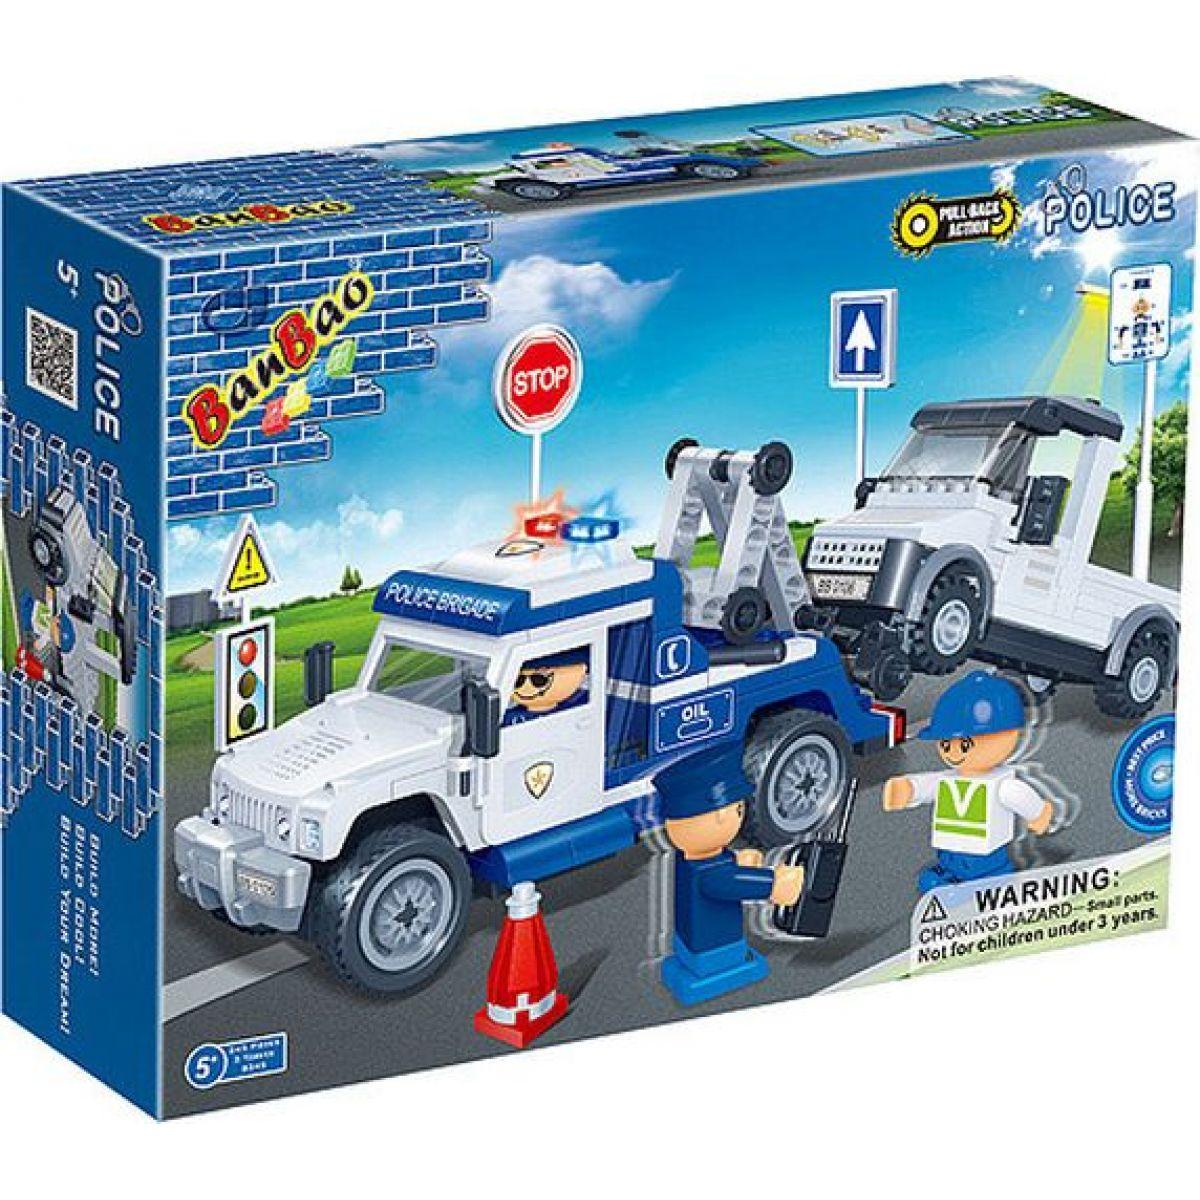 Mikro Trading Stavebnica BanBao Policie 8345 Policejní odtahovka